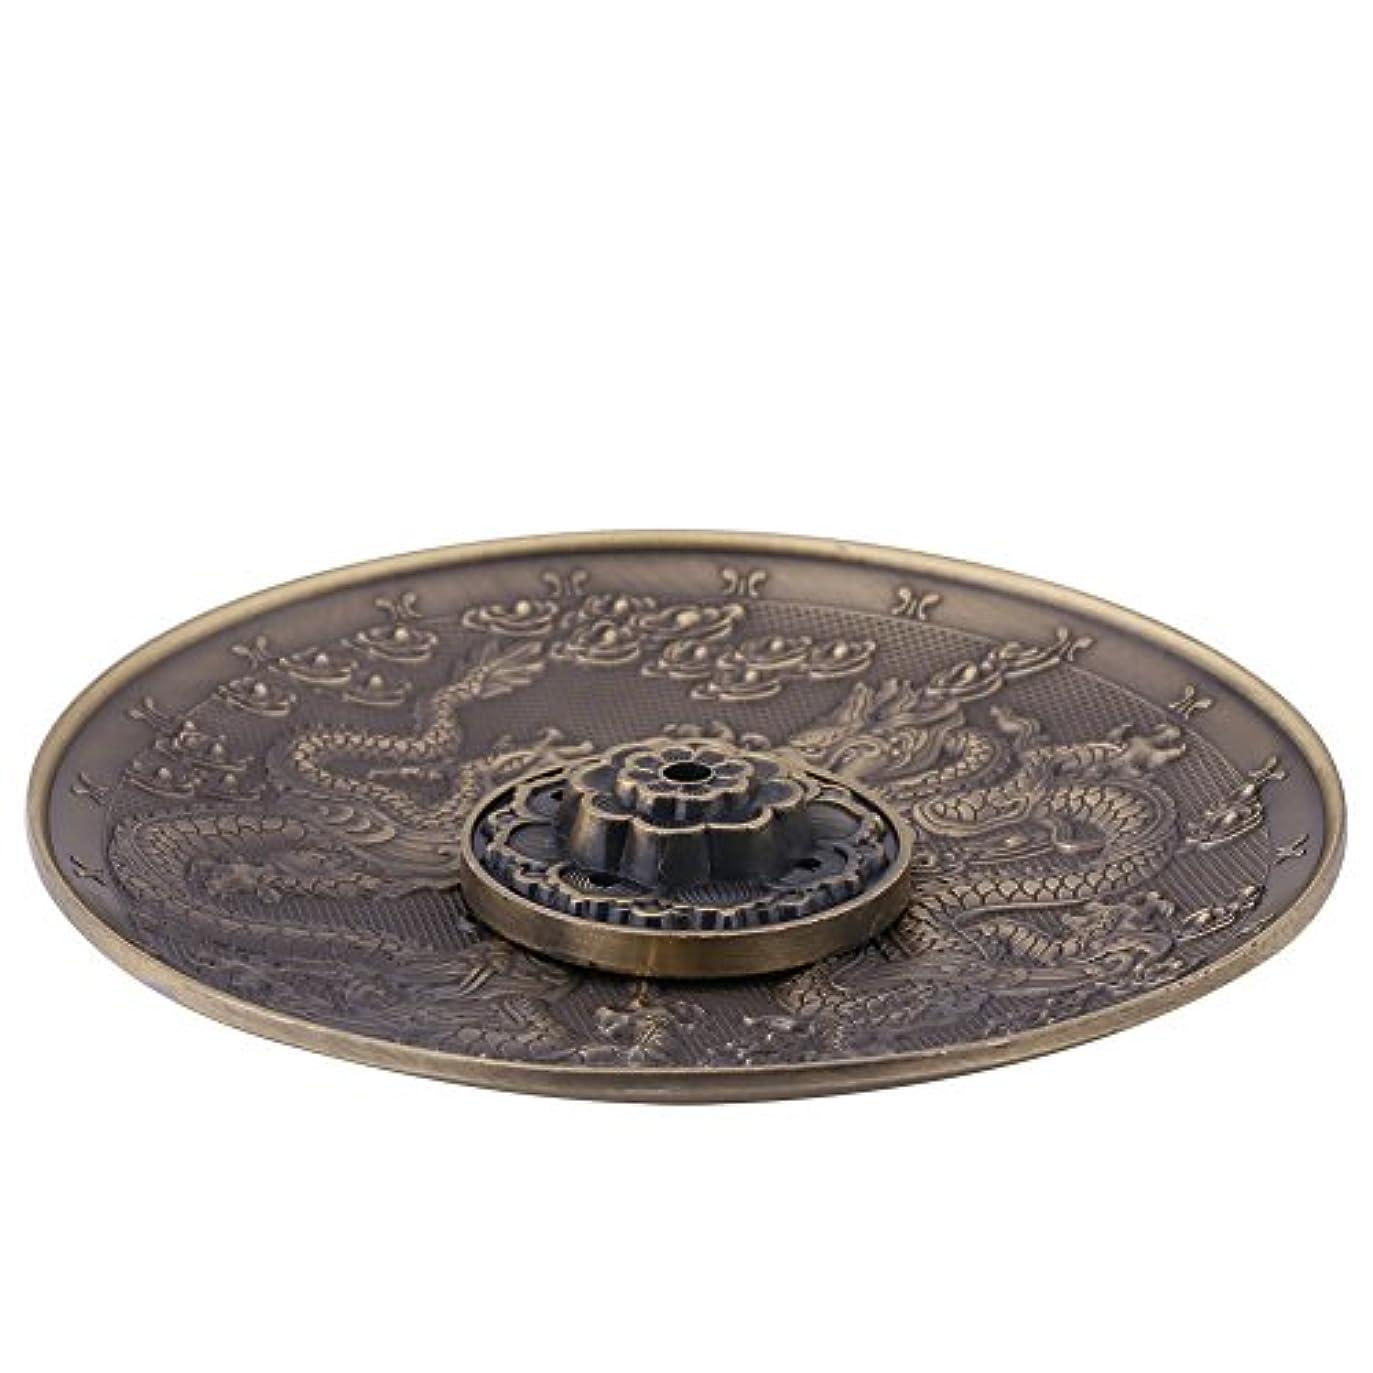 つぼみ桁恥ずかしい香皿 亜鉛の香り バーナーホルダー寝室の神殿のオフィスのためのドラゴンパターンの香炉プレート(ブロンズ)